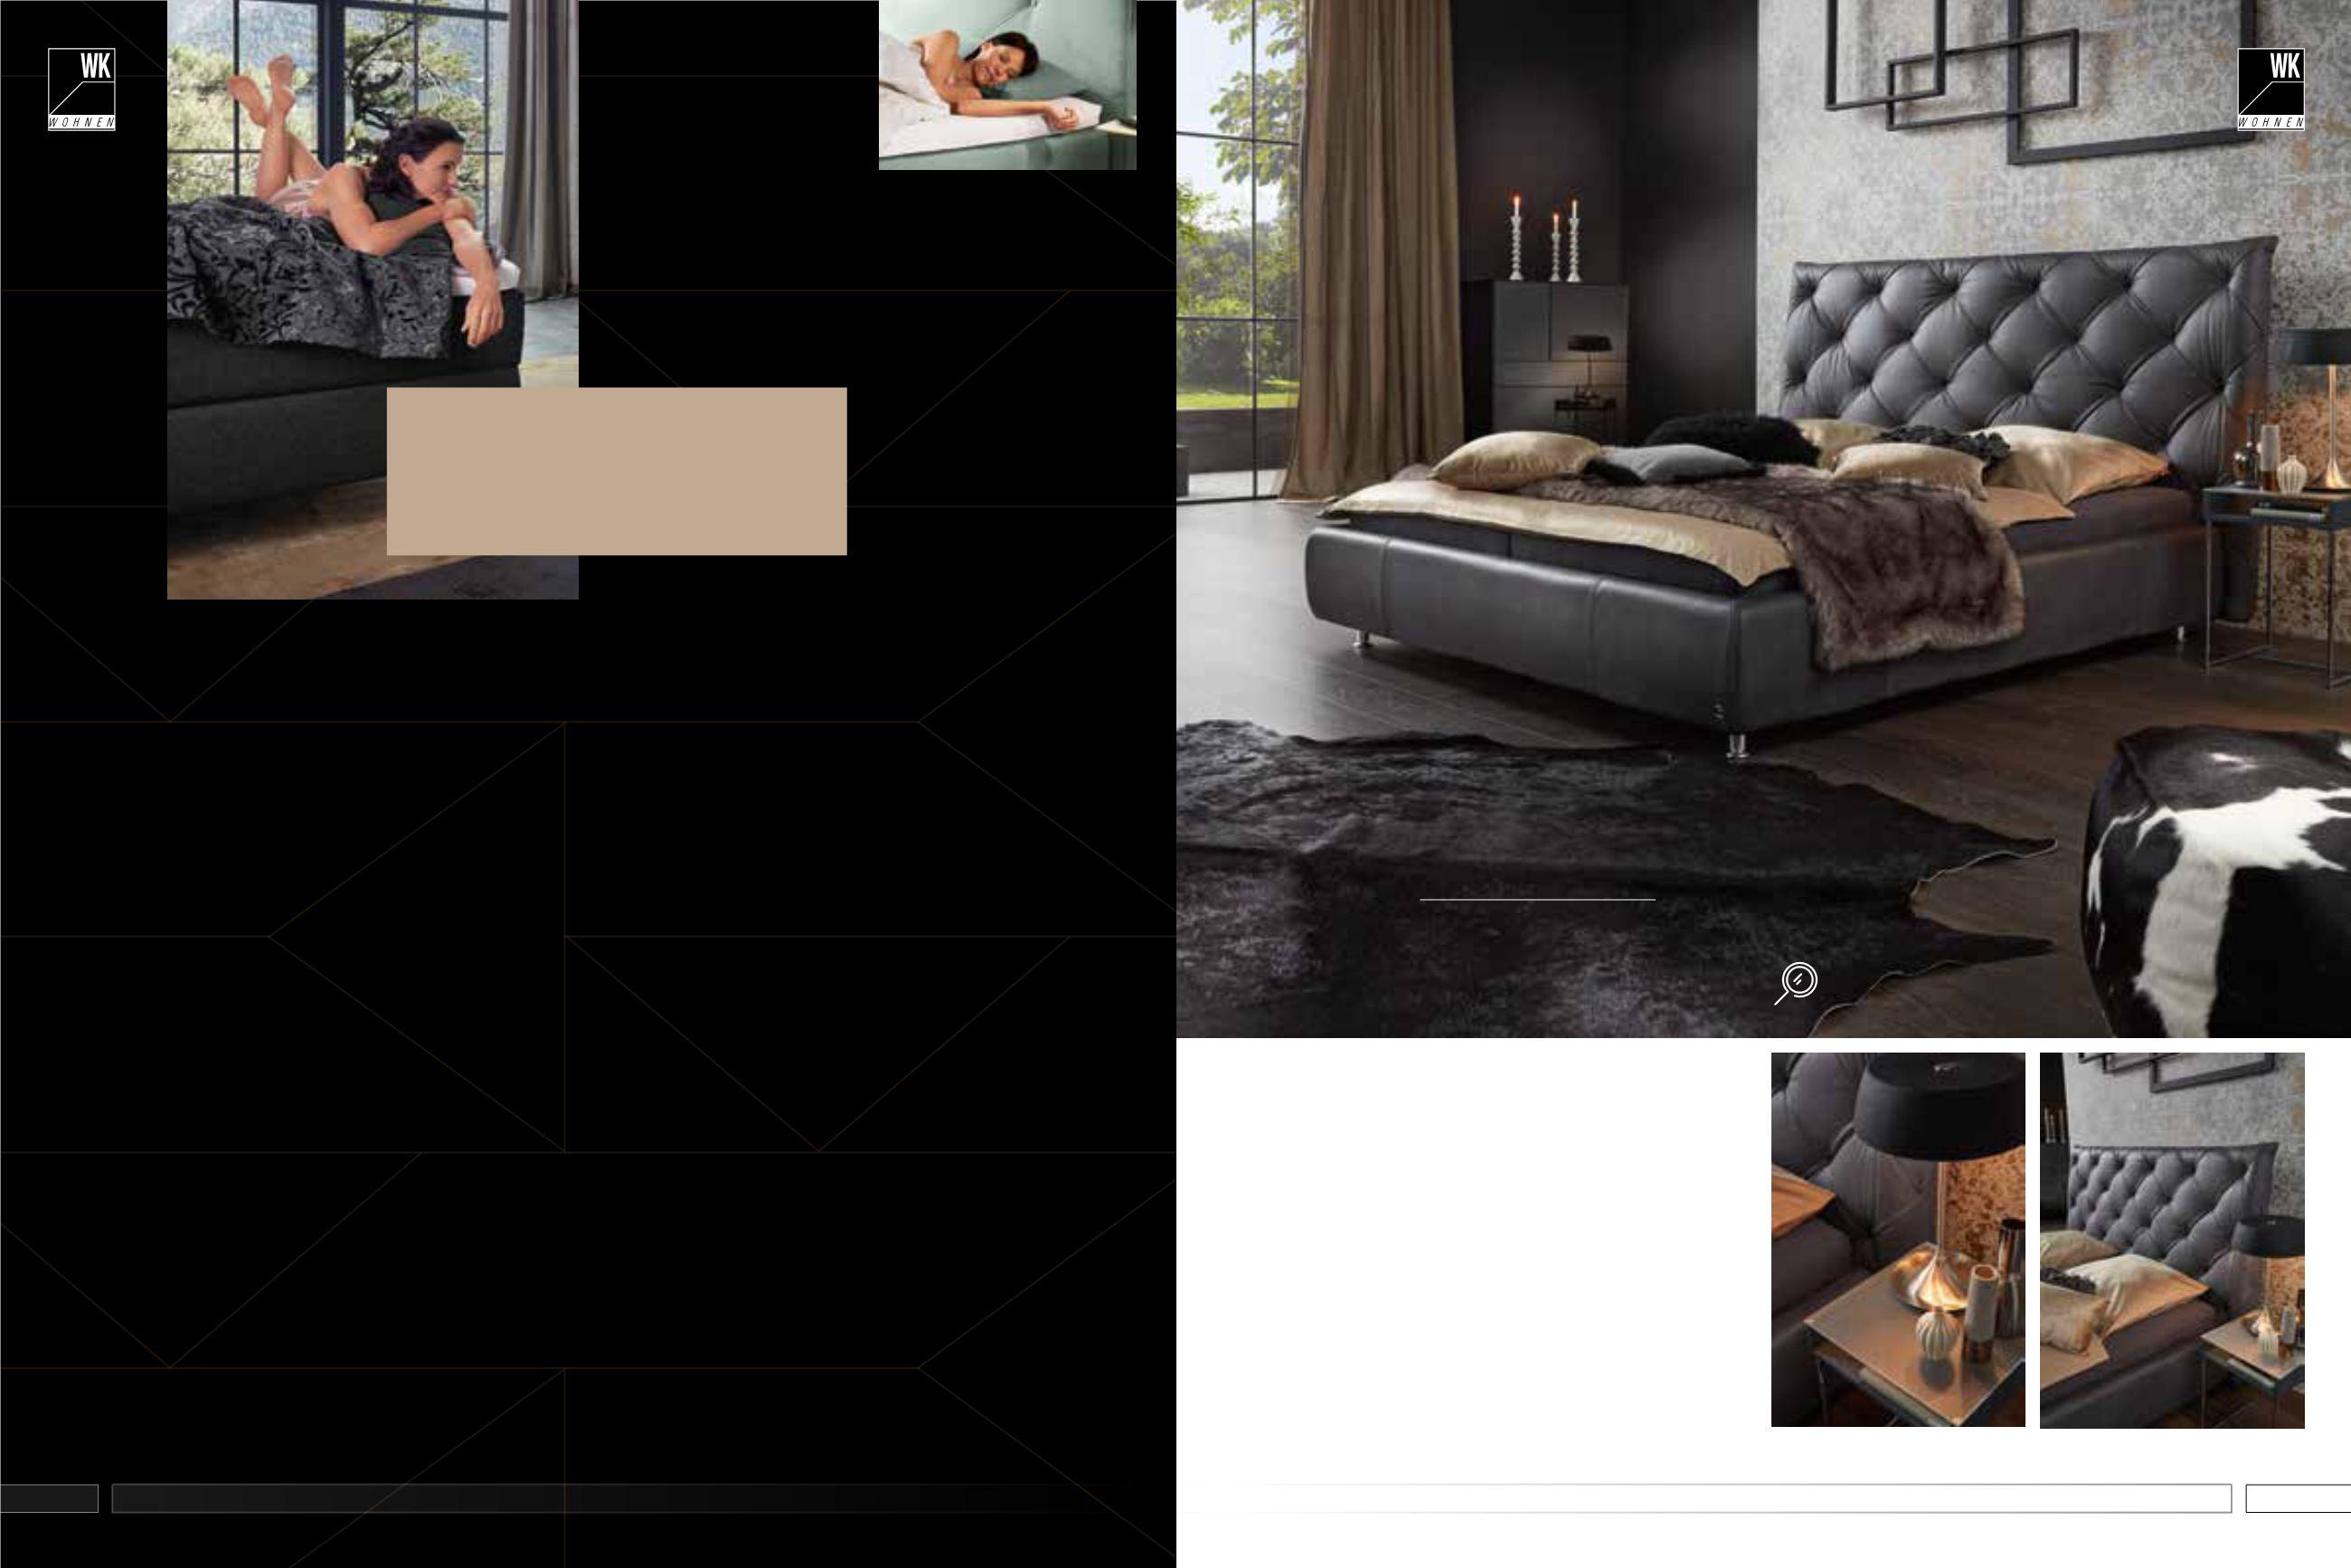 schimmel im schlafzimmer schlafen jurassic world bettw sche wilde kerle wandfarbe wei e m bel. Black Bedroom Furniture Sets. Home Design Ideas